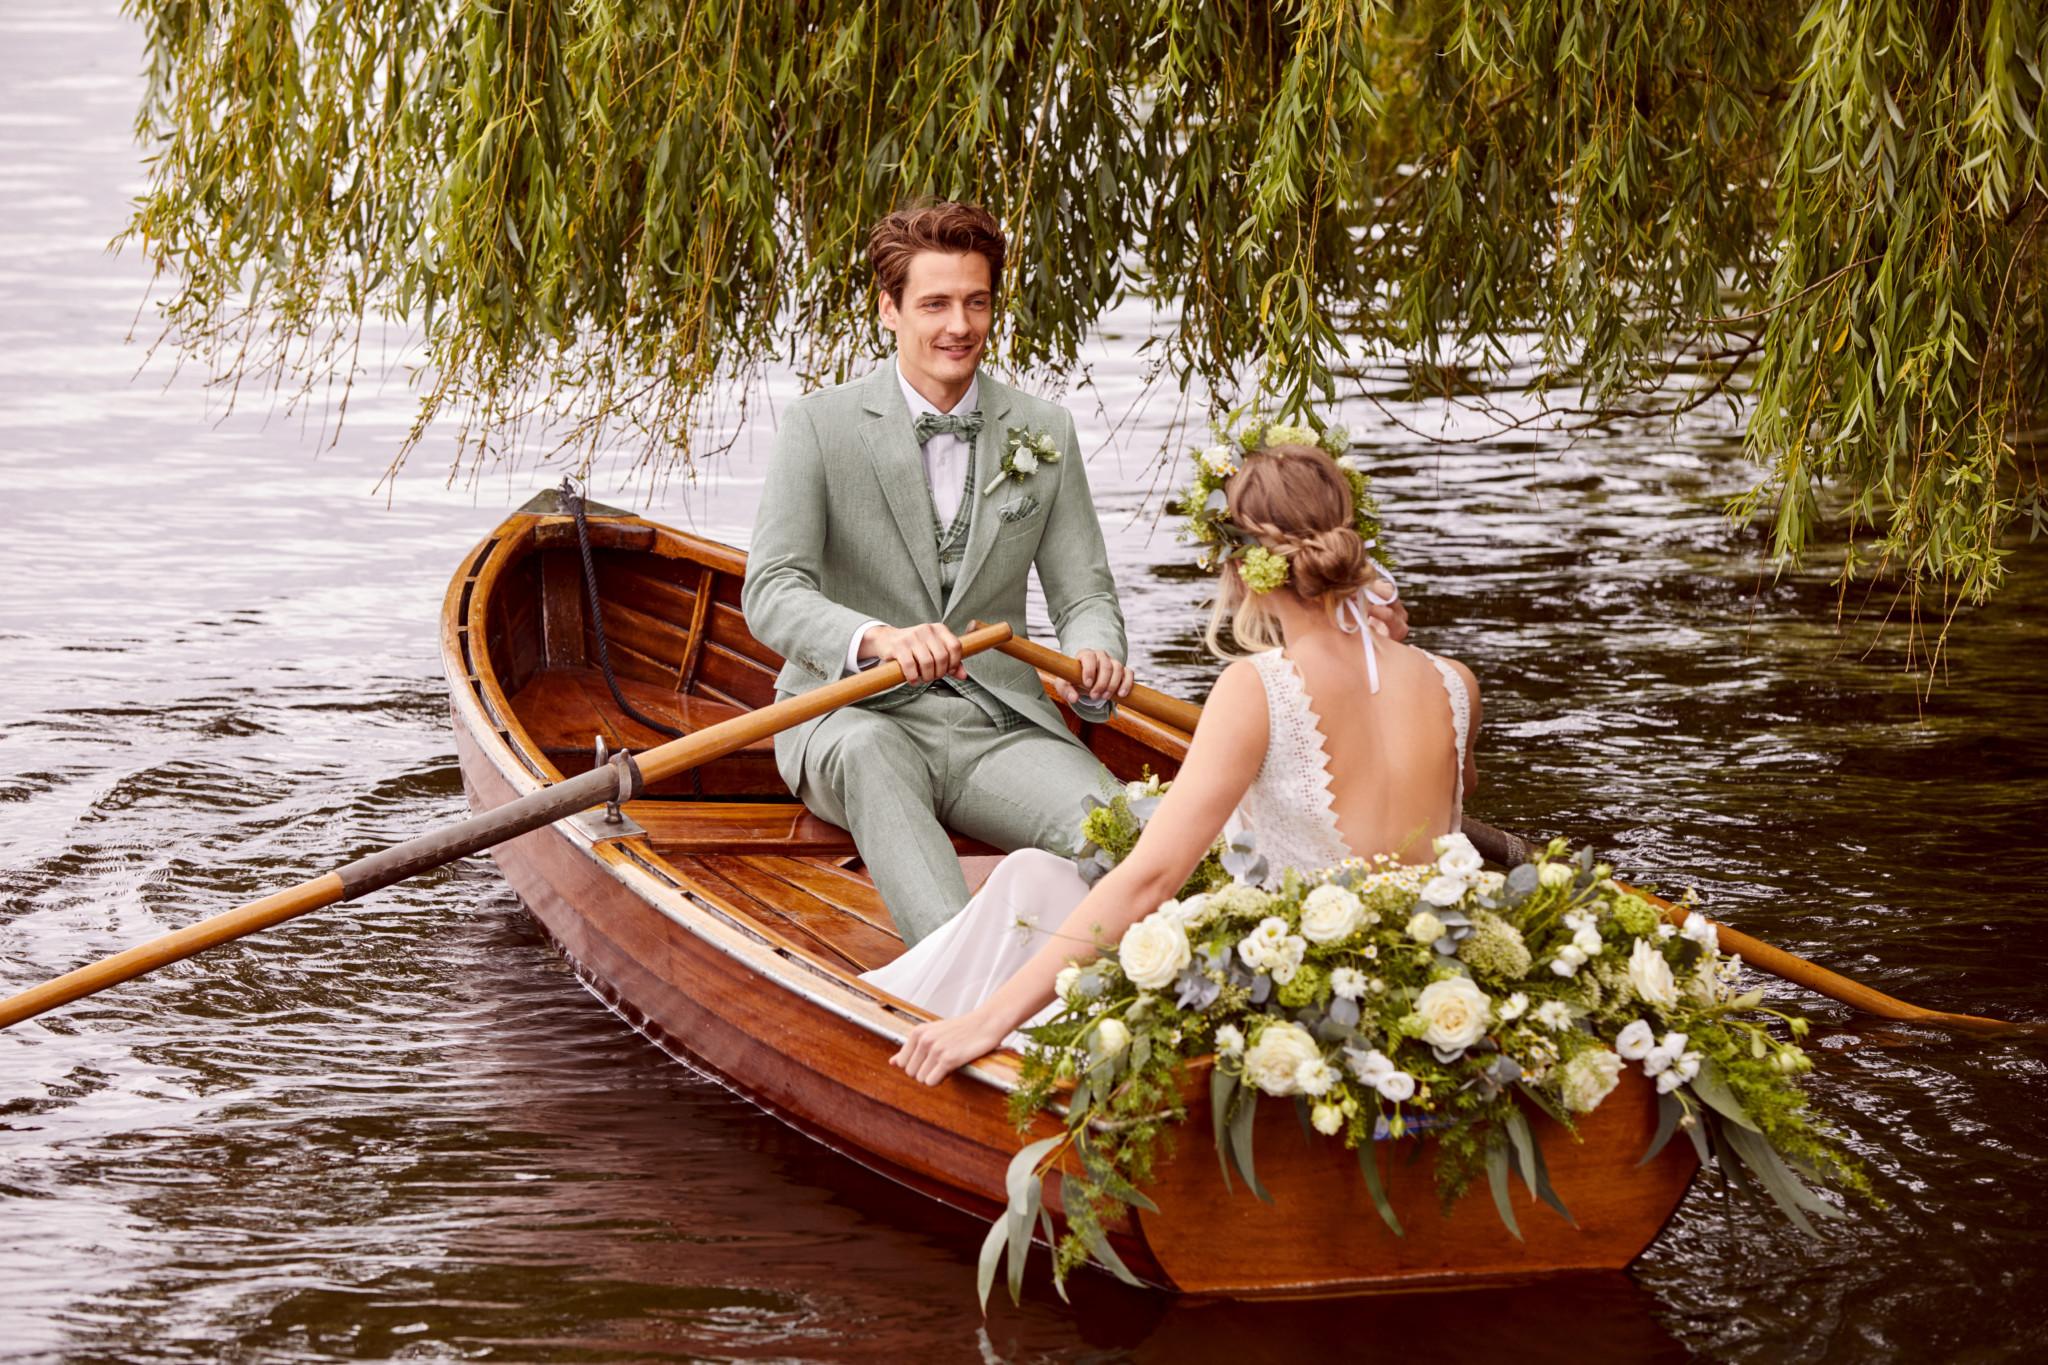 wil 0121 kam at gala vintage wedding Look1 1 wil_0121_kam_at-gala-vintage-wedding-Look1_1